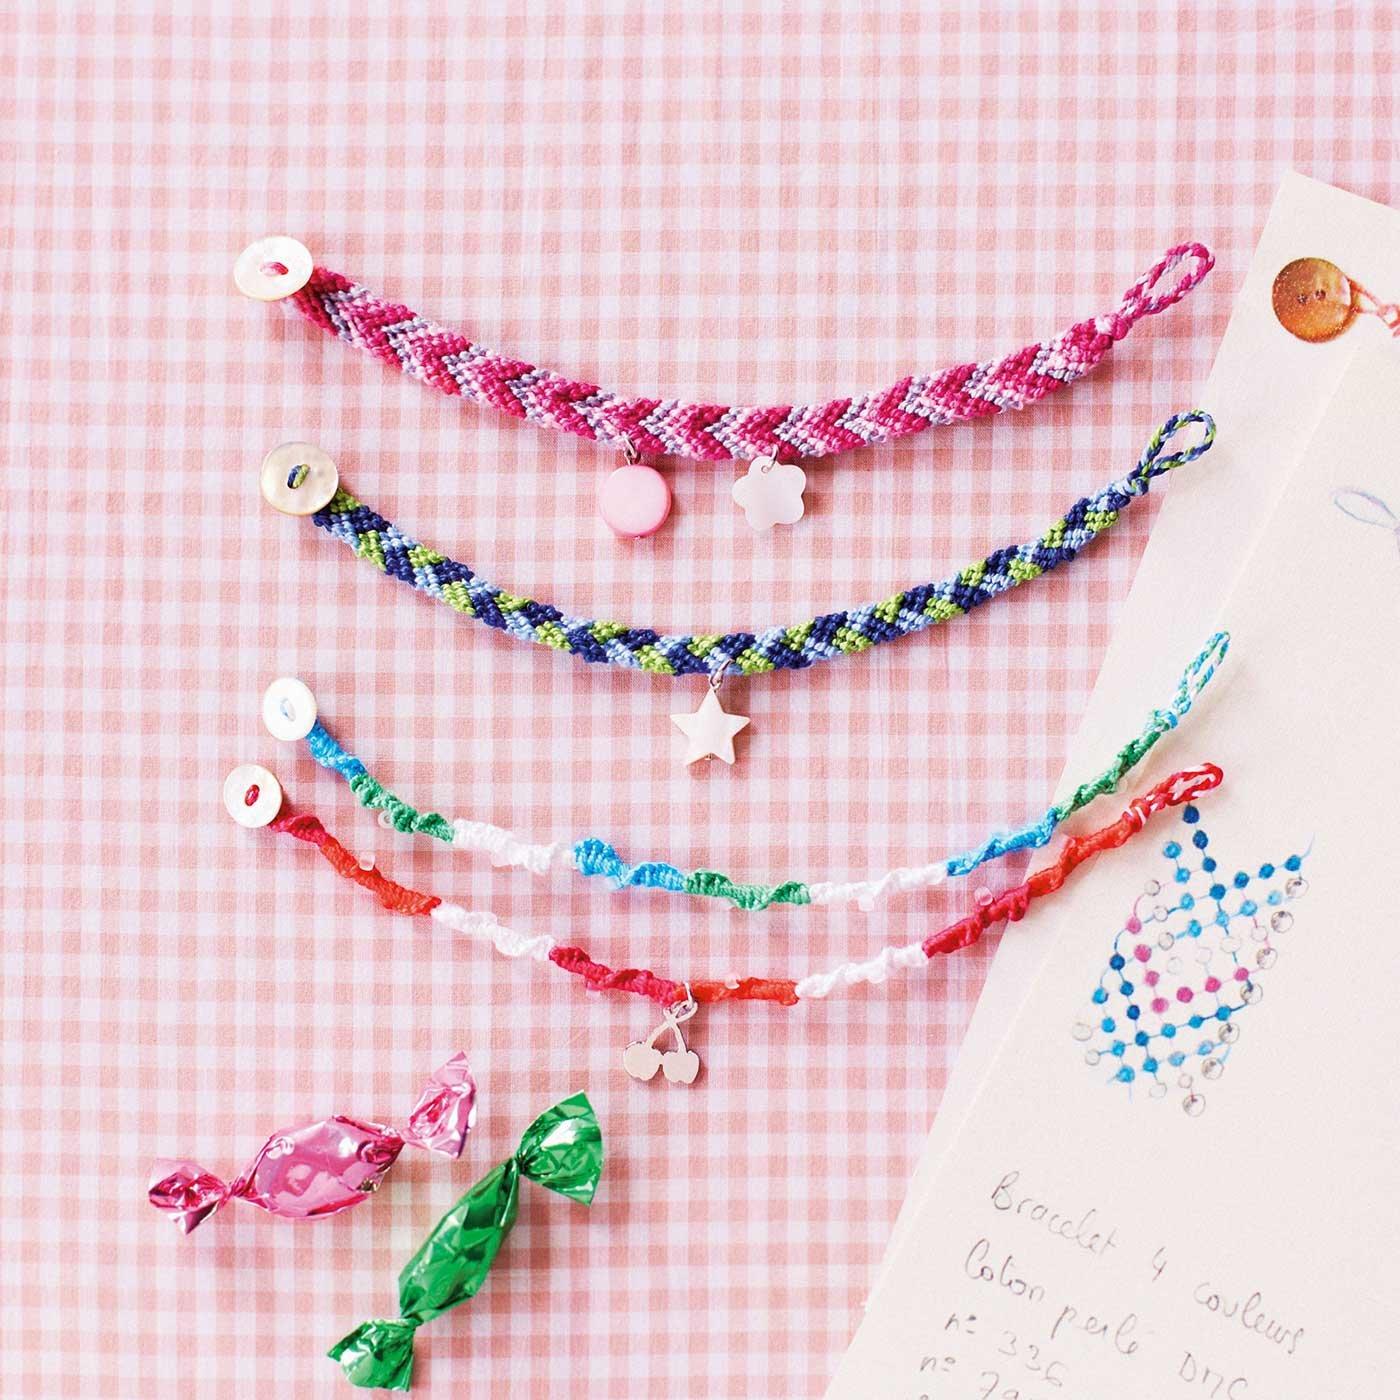 ポルト・ボヌール フレンチな彩り編み込むミサンガブレスレット